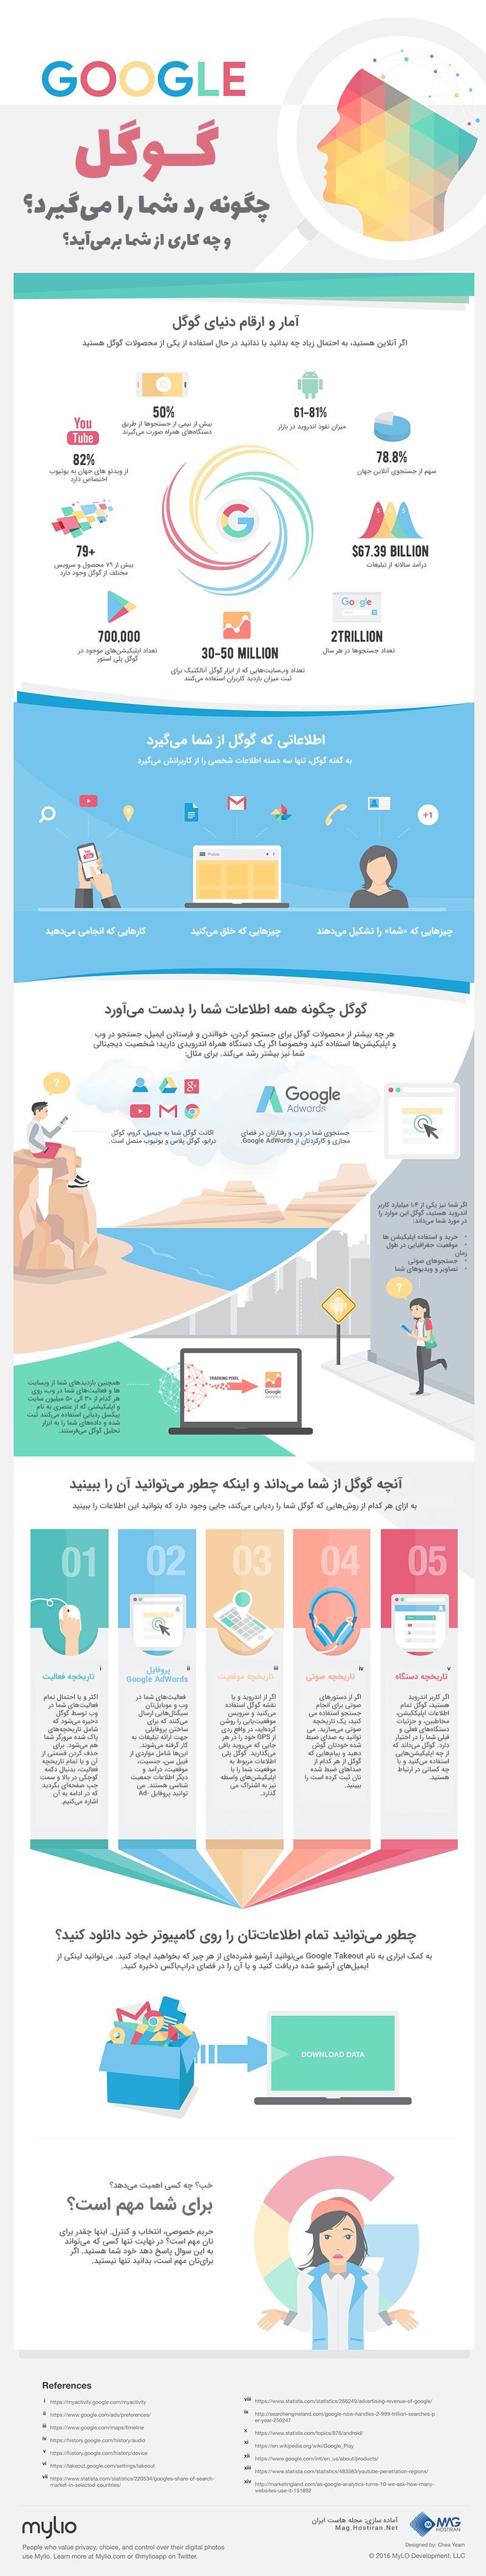 جمع آوری اطلاعات توسط گوگل